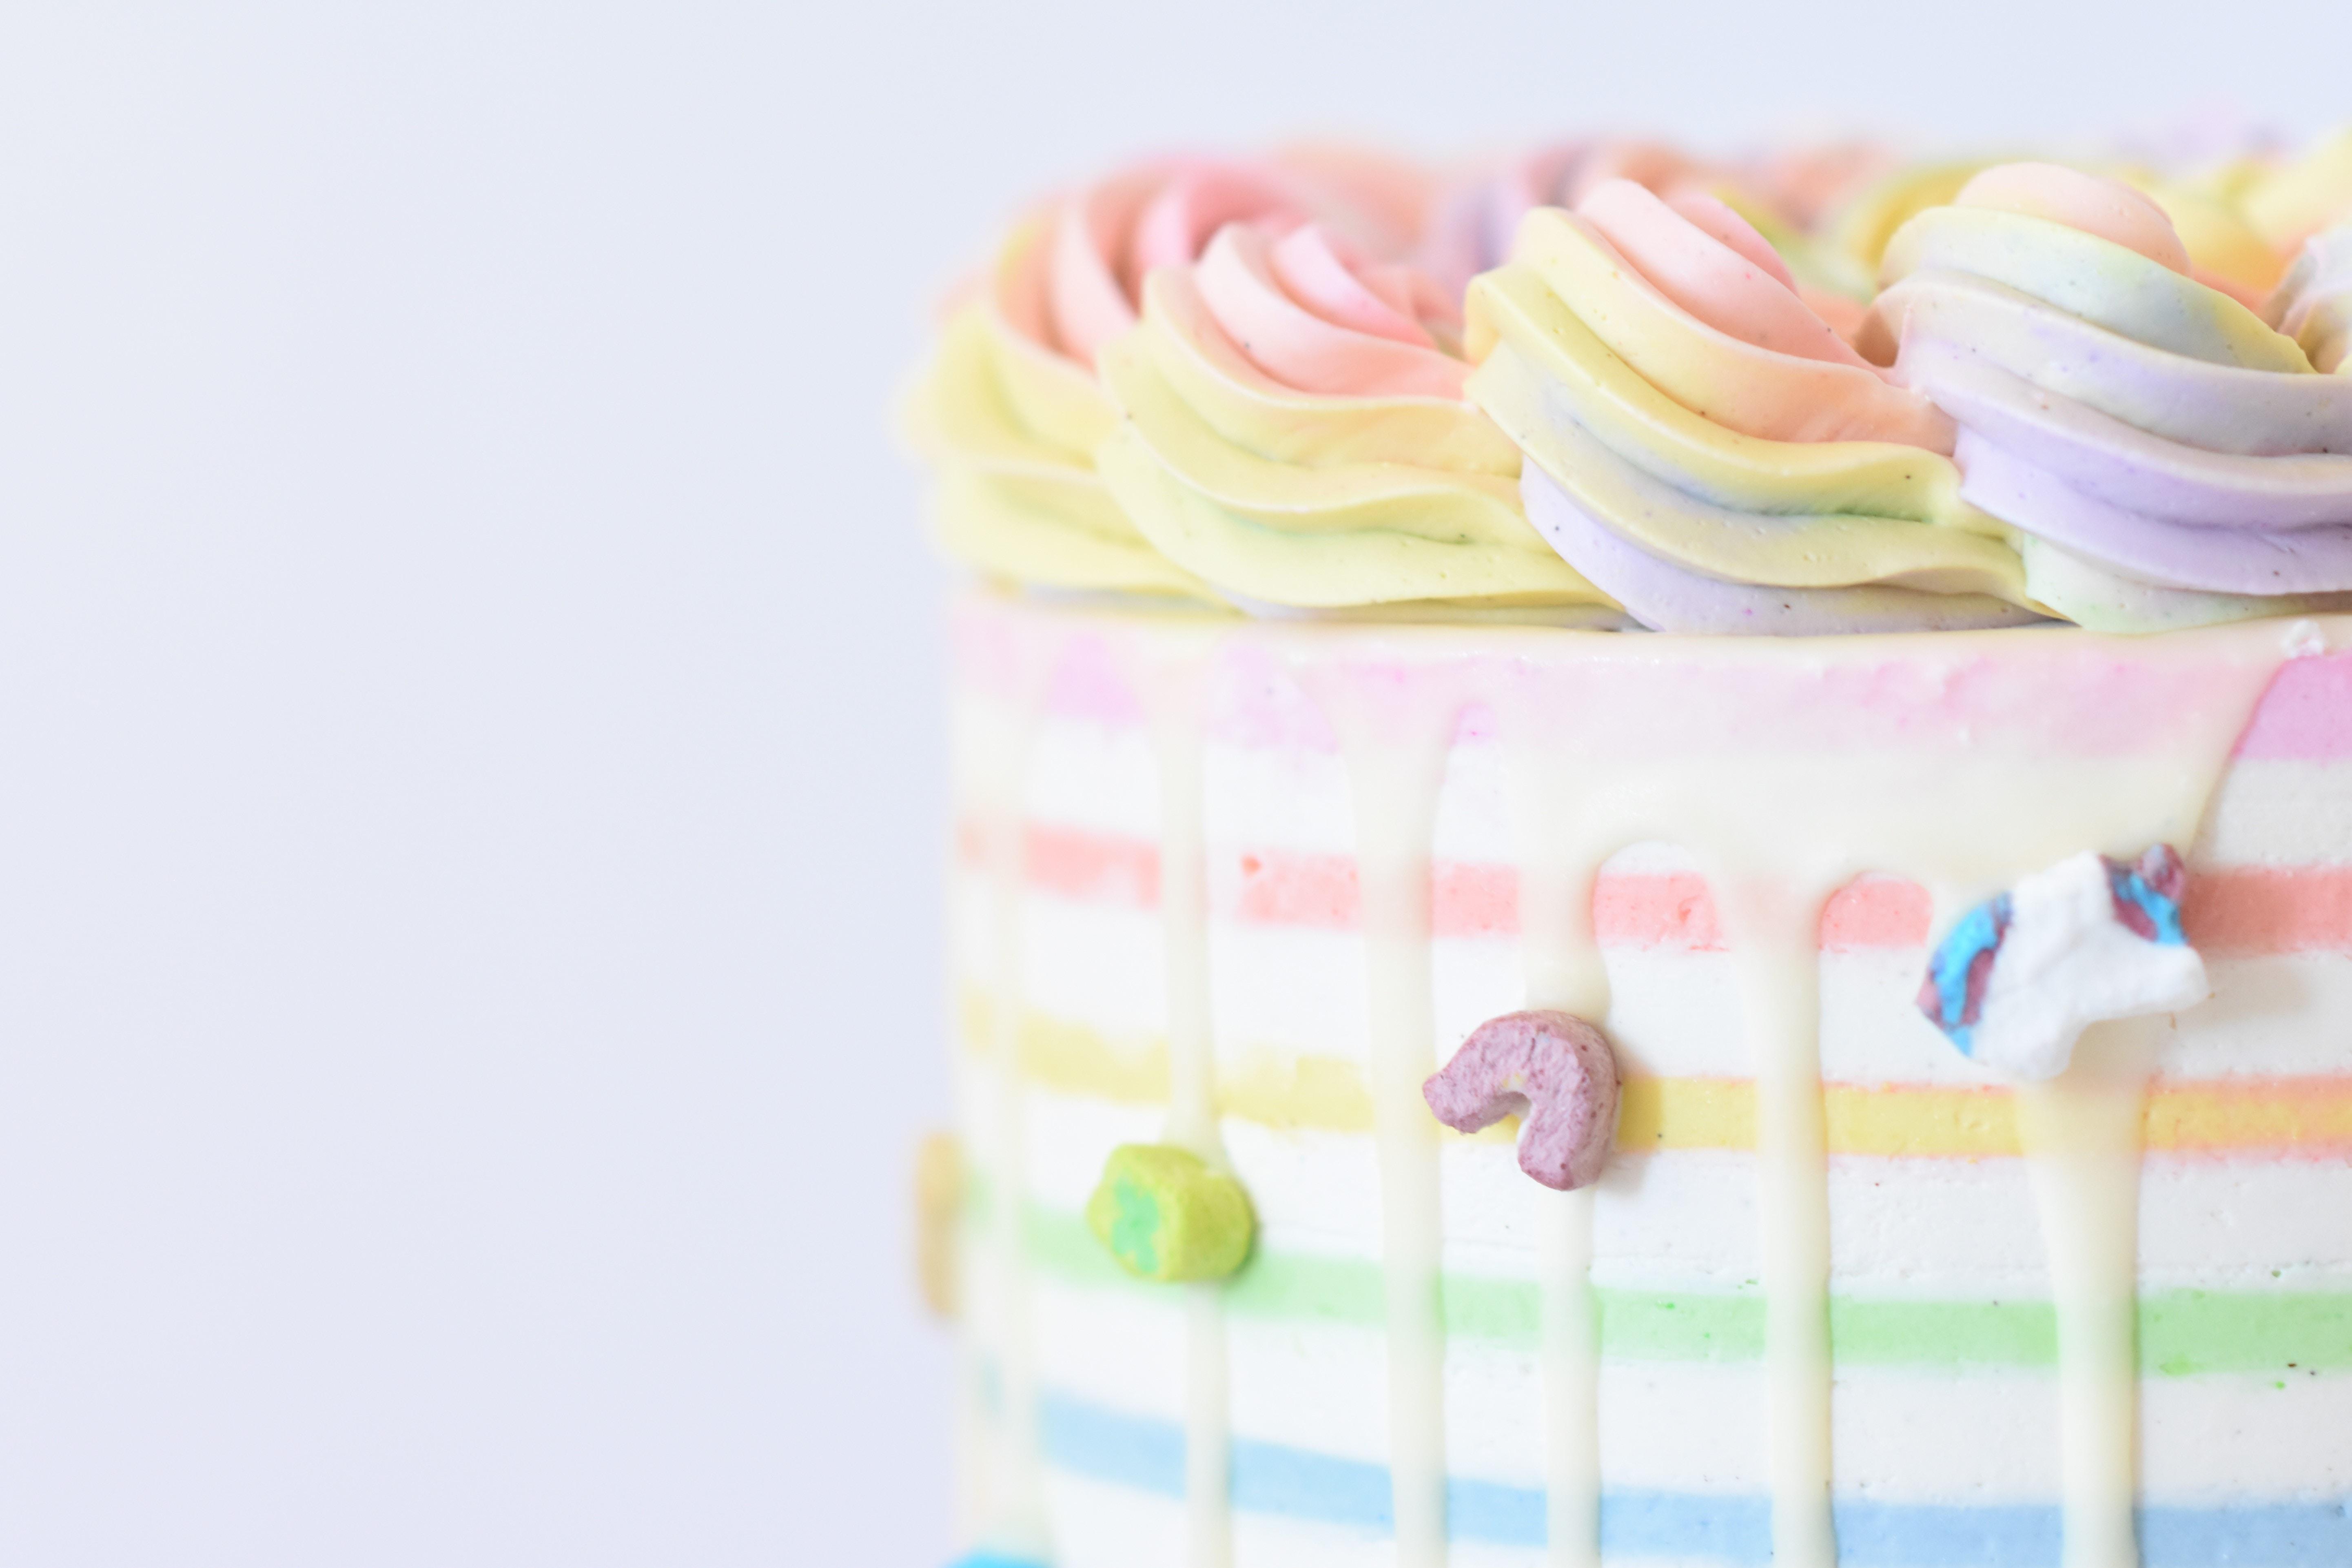 【夢占い】ケーキの夢は何のサイン?ケーキの夢の意味を調査